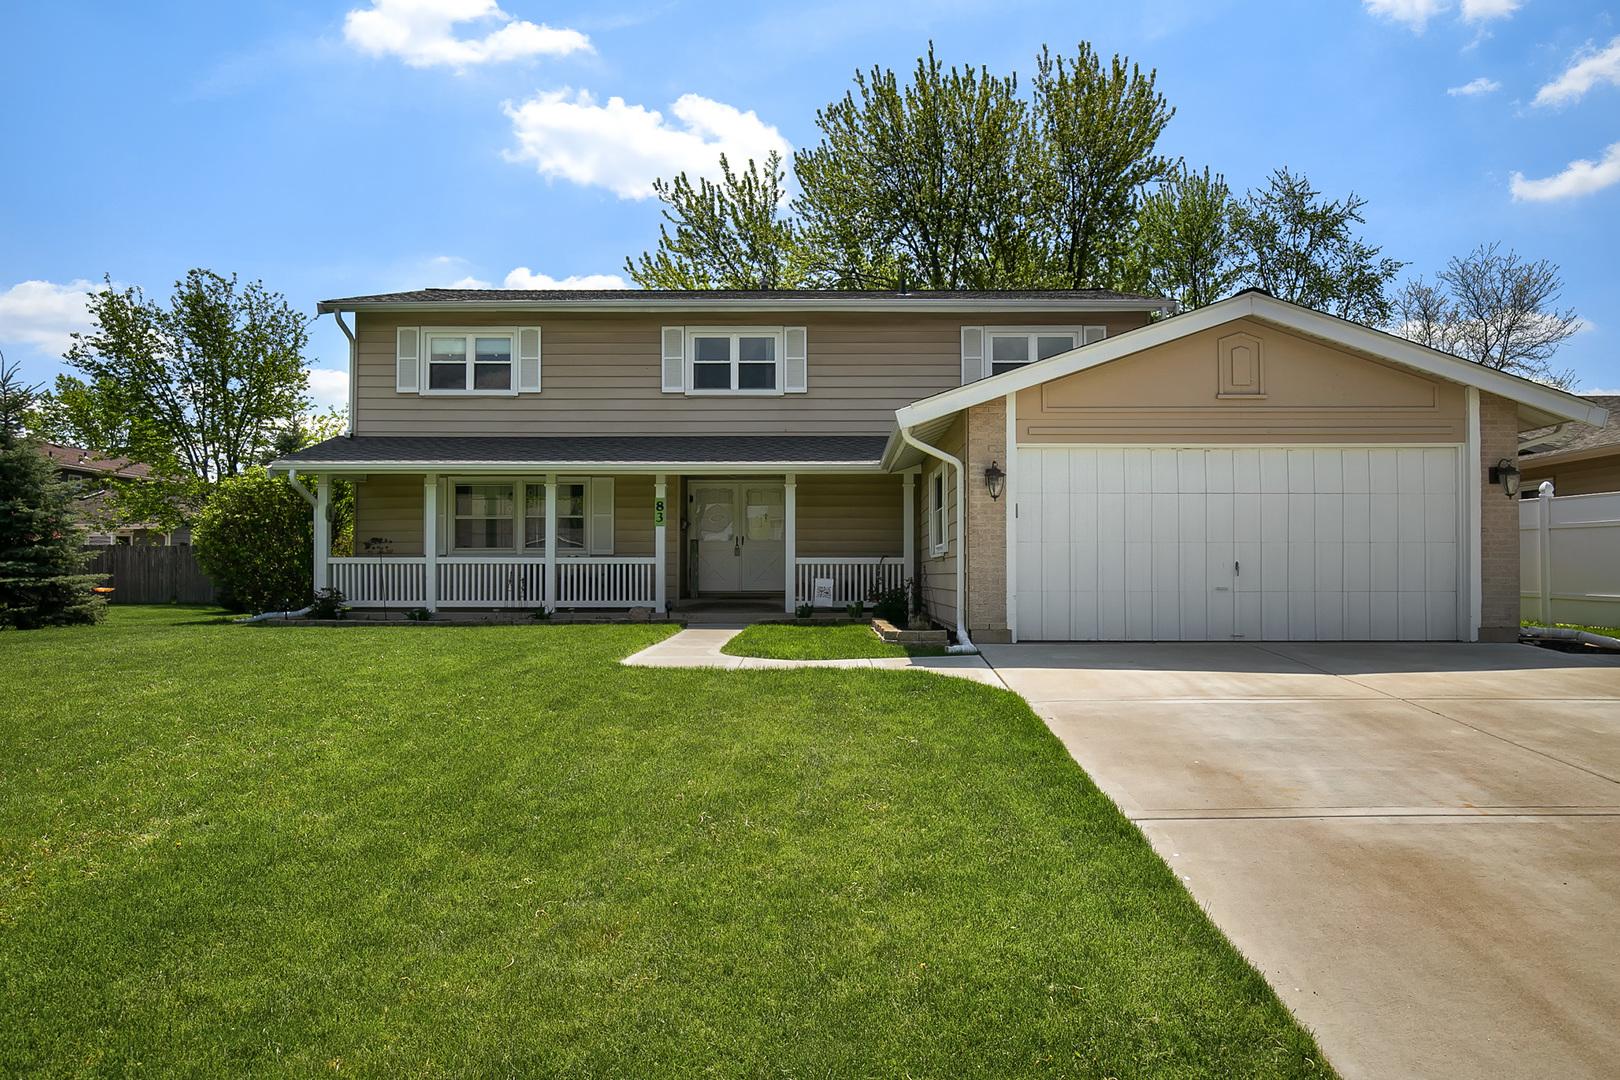 83 West Brantwood, ELK GROVE VILLAGE, Illinois, 60007